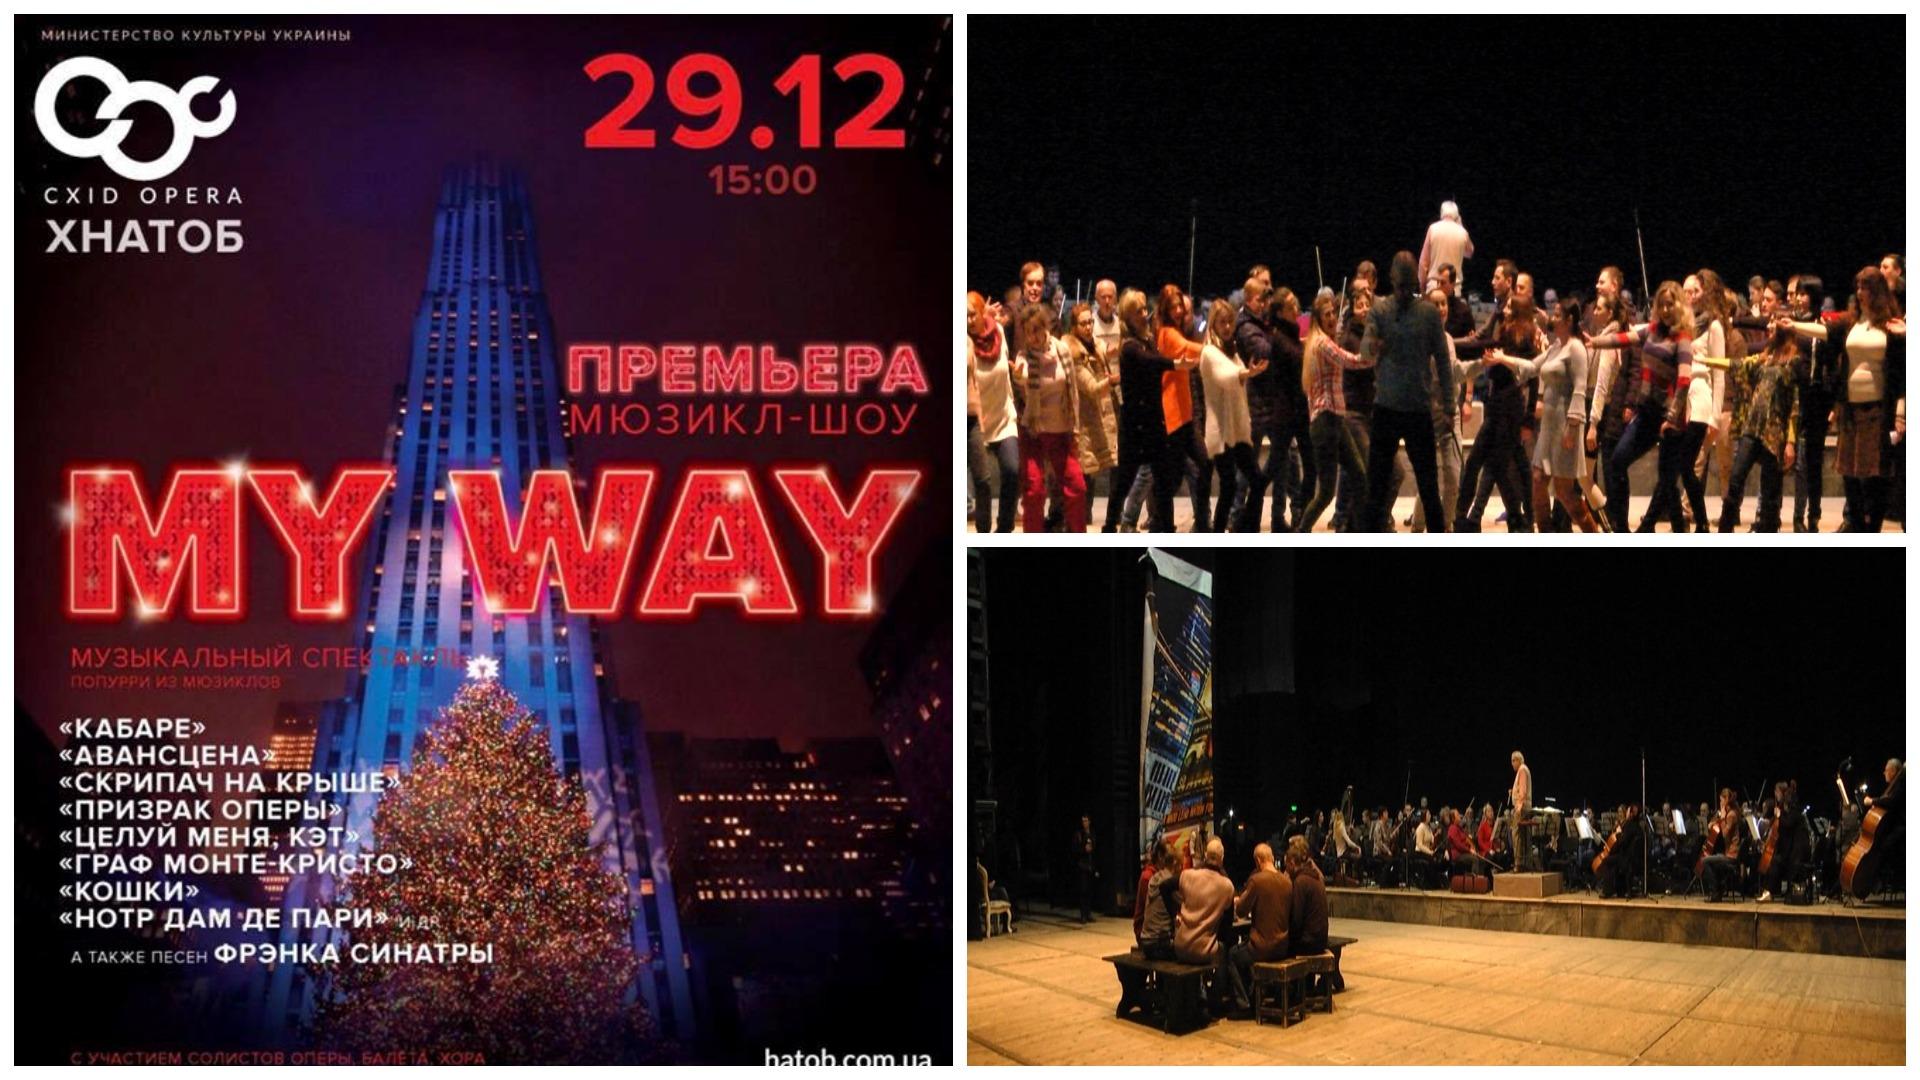 Схід Опера до Нового Року готує прем'єру мюзикл-шоу «My Way»